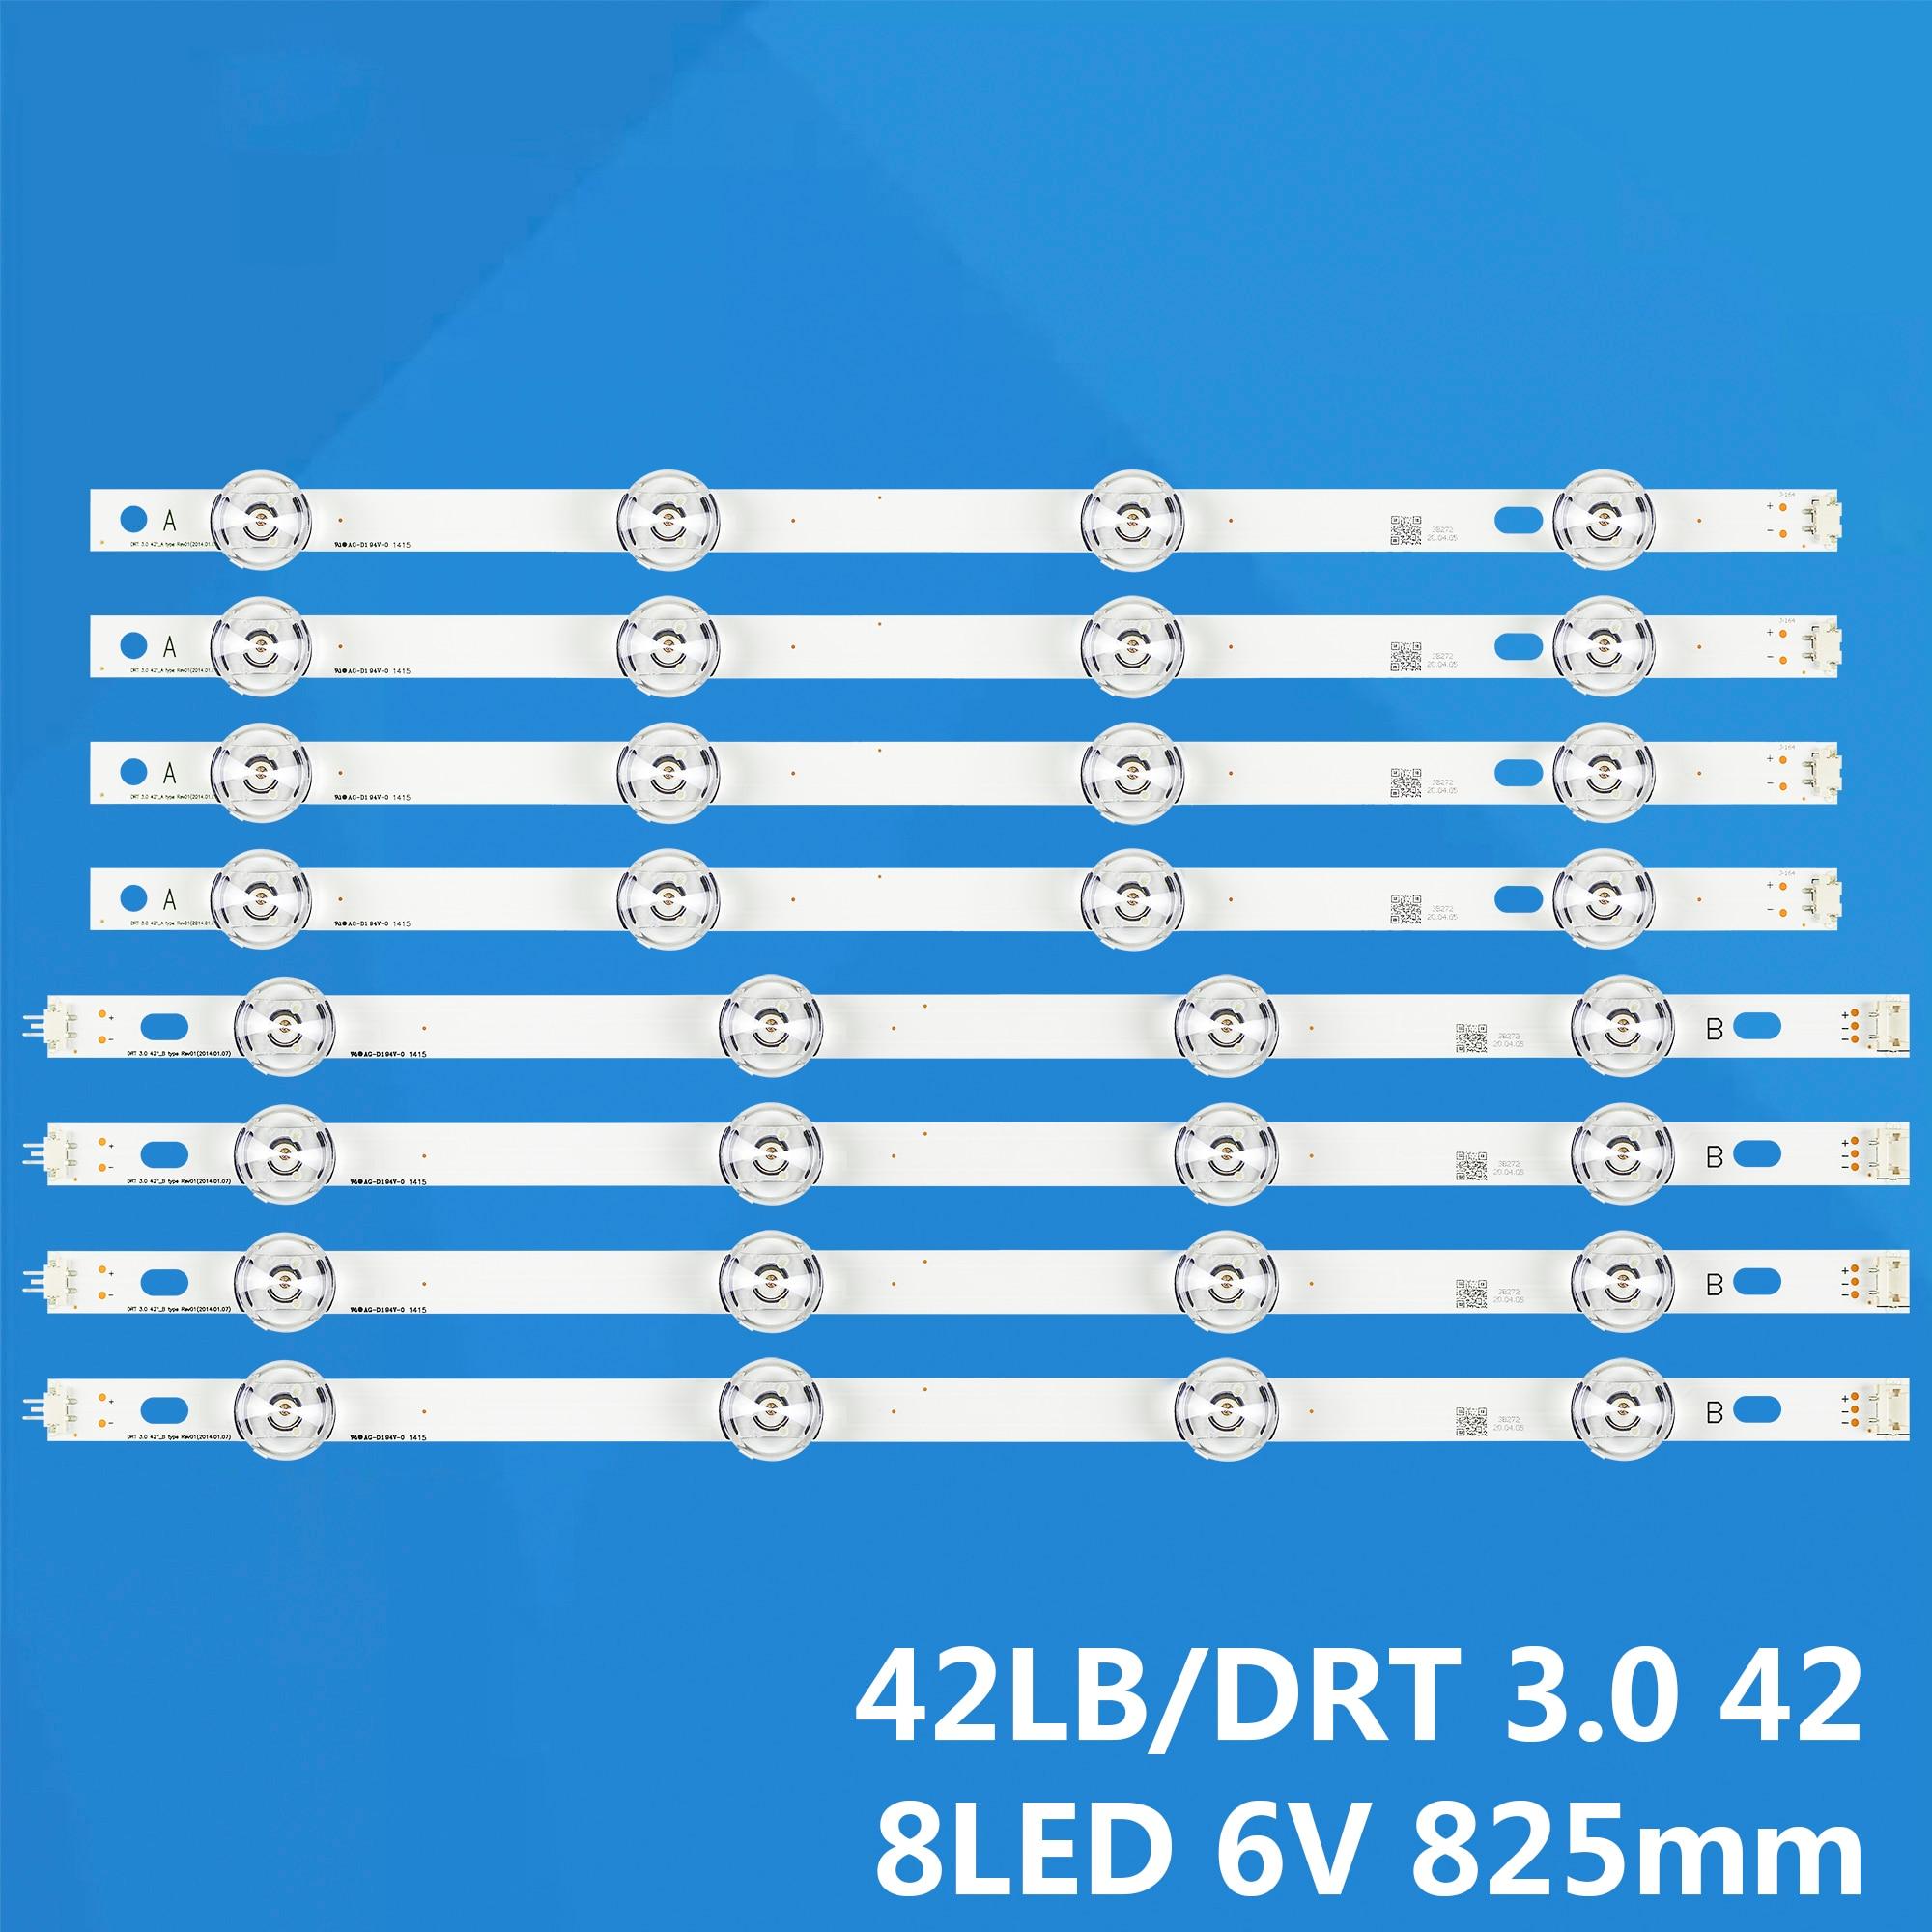 شريط إضاءة LED ، مجموعة الإضاءة الخلفية ، لـ LG 42LB580V 42LB5500 42LF580V 42LB650V